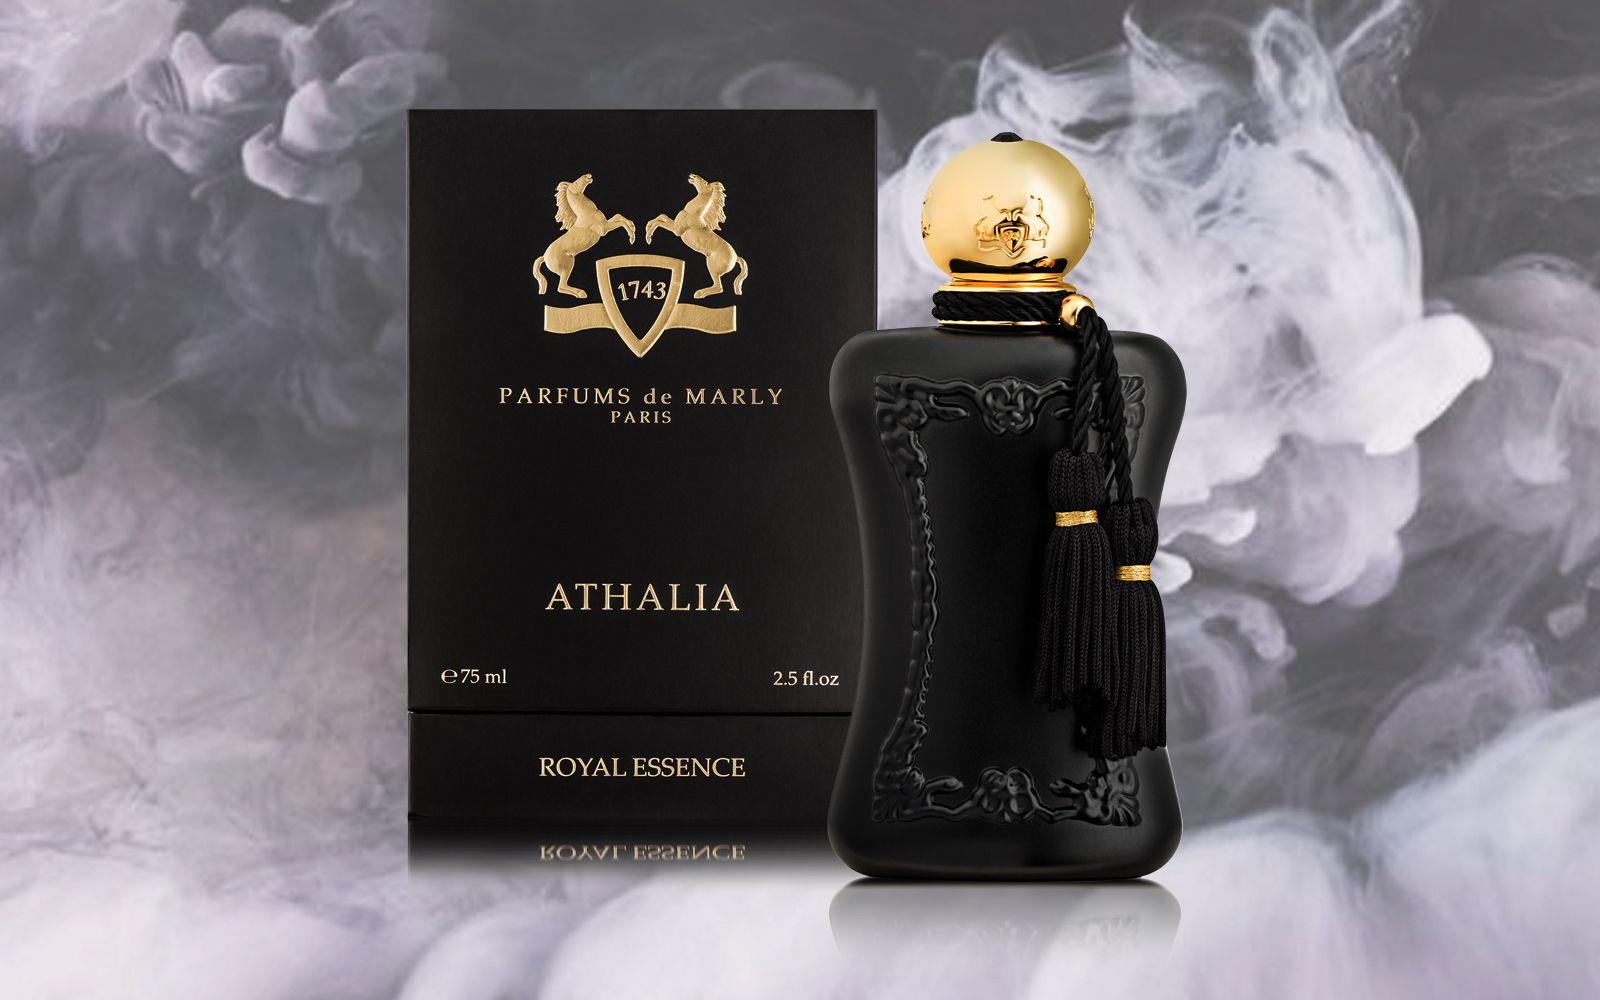 Athalia Une Essence Royale Pour Vous Parfumer Durant Les Plus Belles Occasions Lefashionpost Webzine Marly Athalia Williamarlo Parfum Shopping Essence